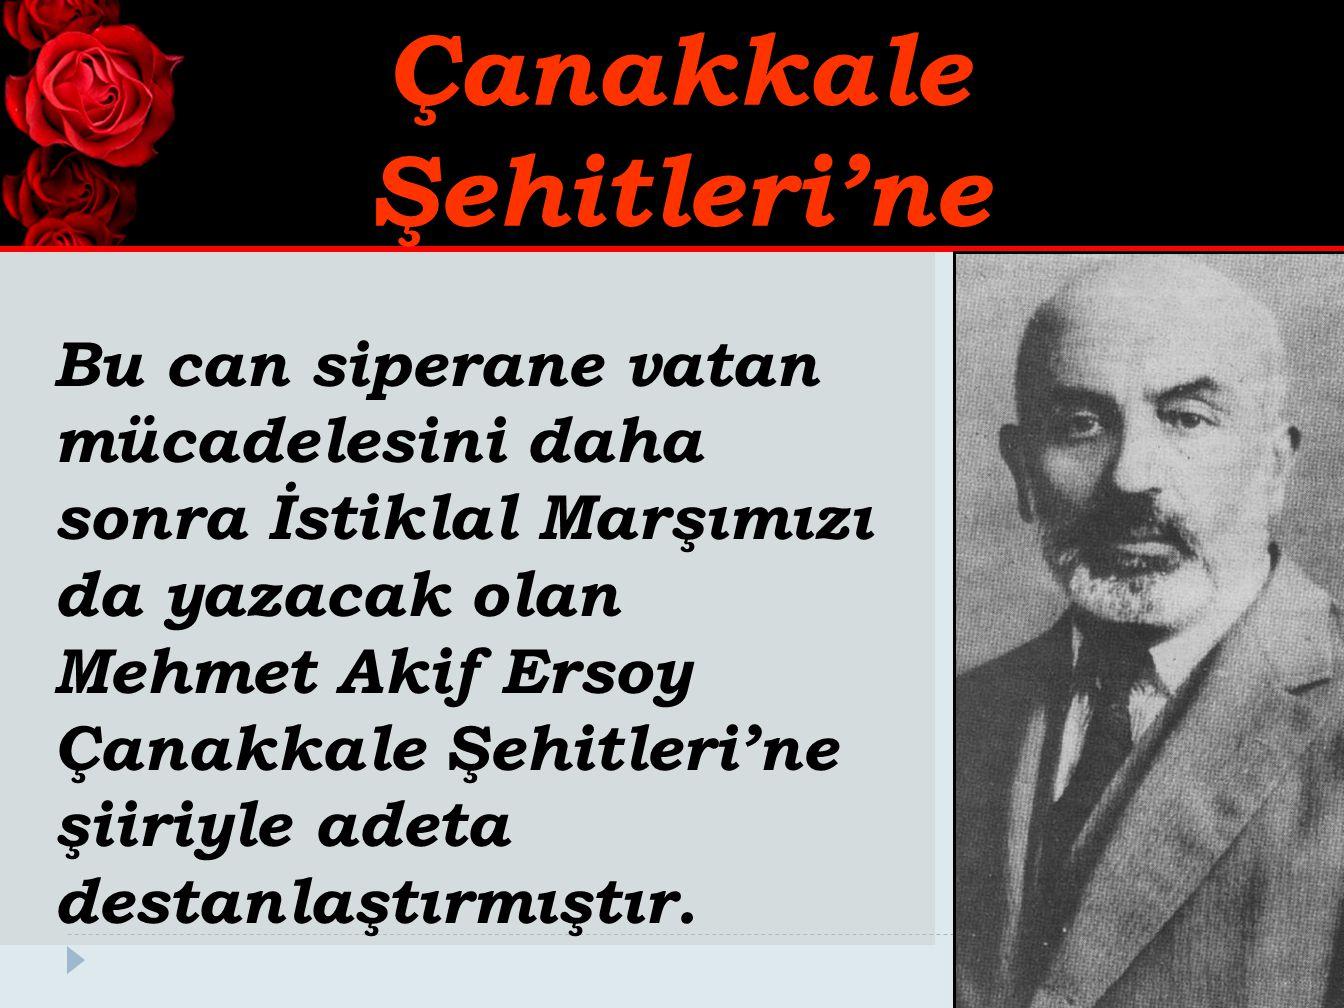 Bu can siperane vatan mücadelesini daha sonra İstiklal Marşımızı da yazacak olan Mehmet Akif Ersoy Çanakkale Şehitleri'ne şiiriyle adeta destanlaştırm